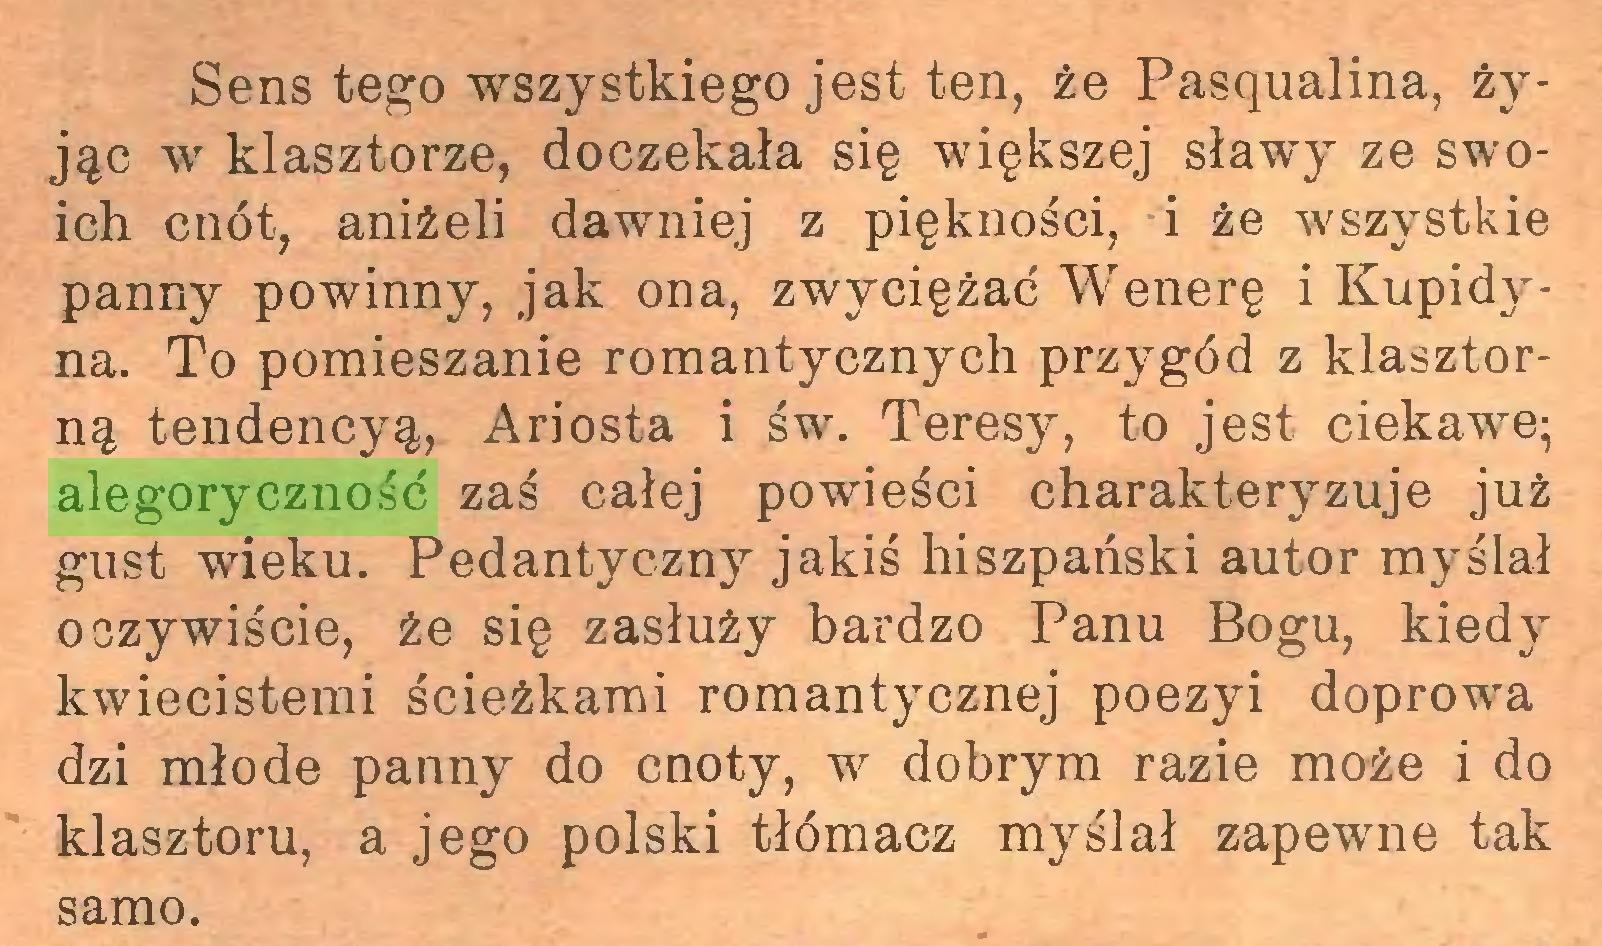 (...) Sens tego wszystkiego jest ten, że Pasąualina, żyjąc w klasztorze, doczekała się większej sławy ze swoich cnót, aniżeli dawniej z piękności, i że wszystkie panny powinny, jak ona, zwyciężać Wenerę i Kupidyna. To pomieszanie romantycznych przygód z klasztorną tendencyą, Ariosta i św. Teresy, to jest ciekawe; alegoryczność zaś całej powieści charakteryzuje już gust wieku. Pedantyczny jakiś hiszpański autor myślał oczywiście, że się zasłuży bardzo Panu Bogu, kiedy kwiecistemi ścieżkami romantycznej poezyi doprowa dzi młode panny do cnoty, w dobrym razie może i do klasztoru, a jego polski tiómacz myślał zapewne tak samo...